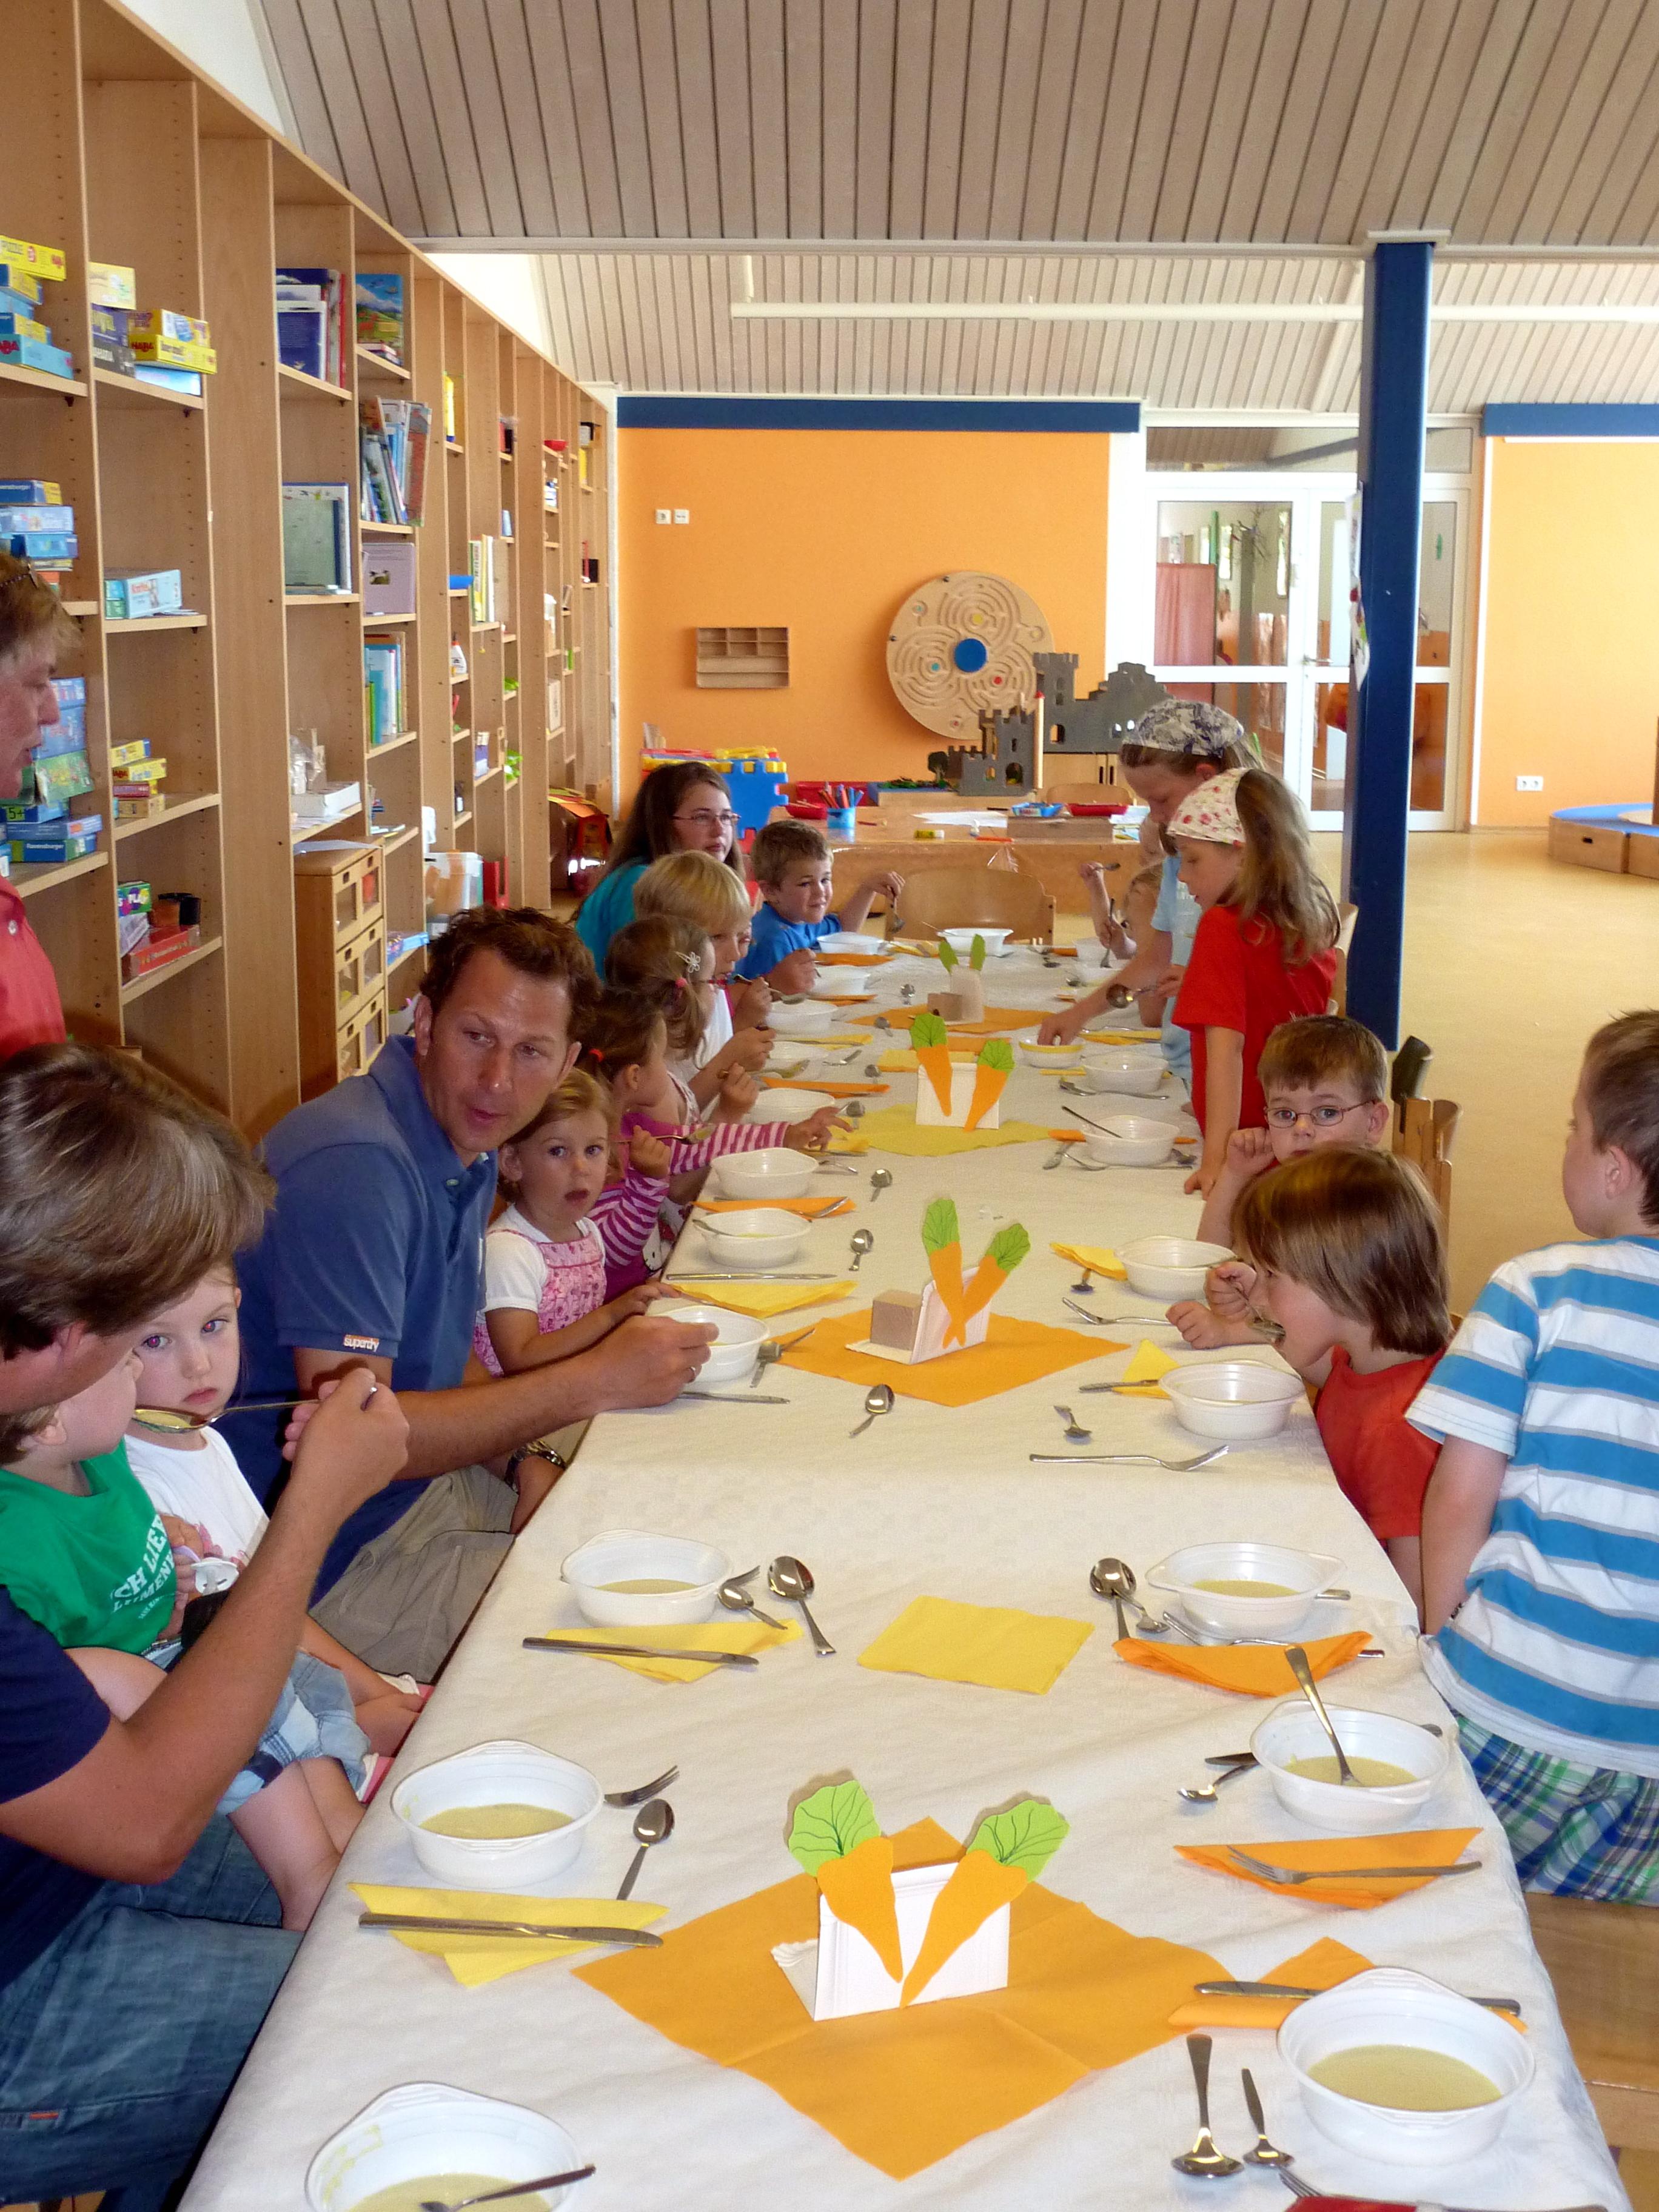 Norderney - Kinder essen gemeinsam Gemüselasagne